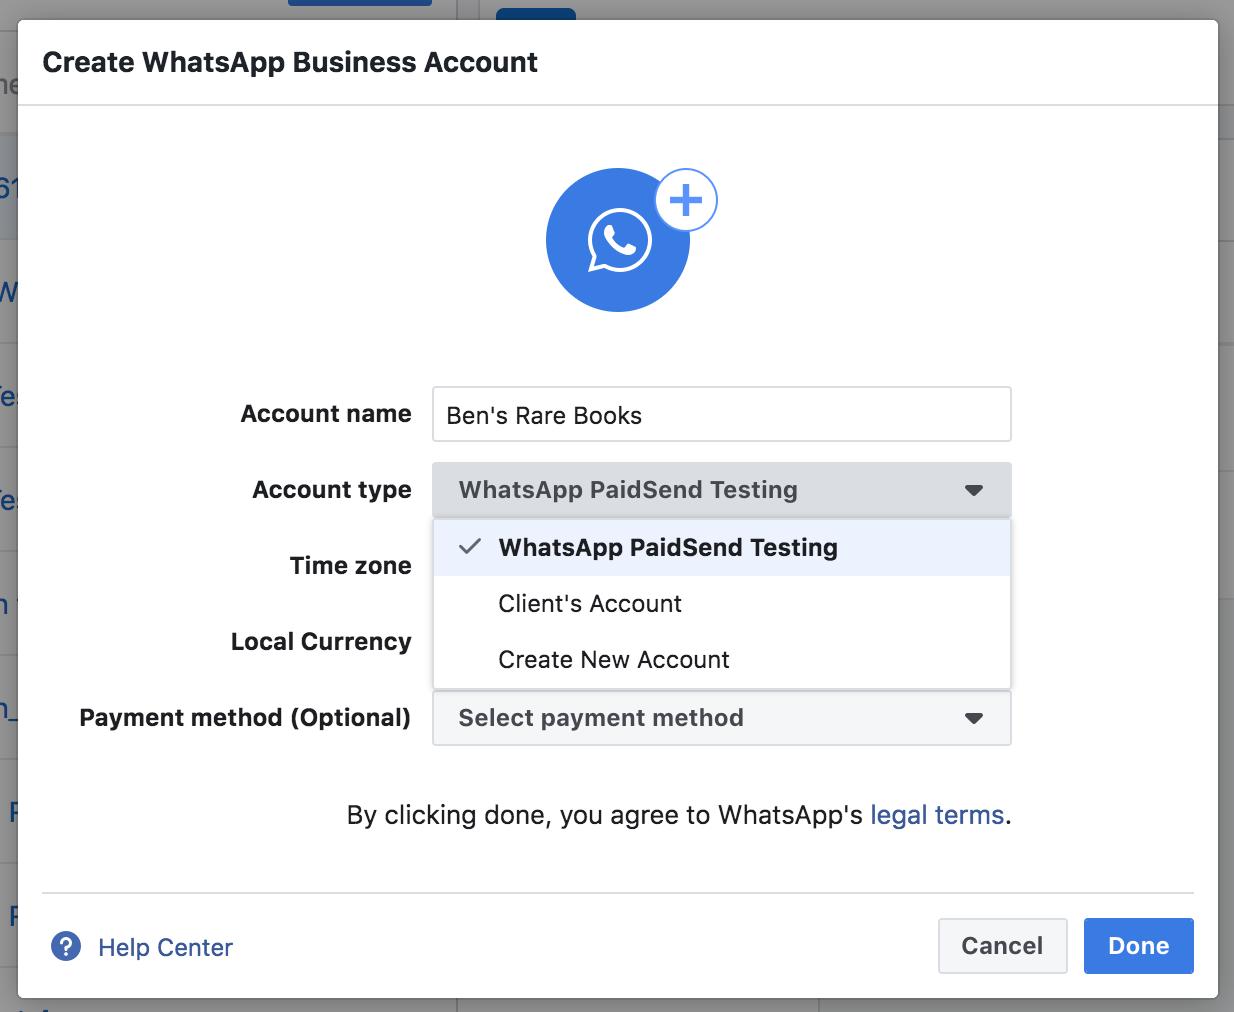 WhatsApp-Business-Account-anlegen-business-manager